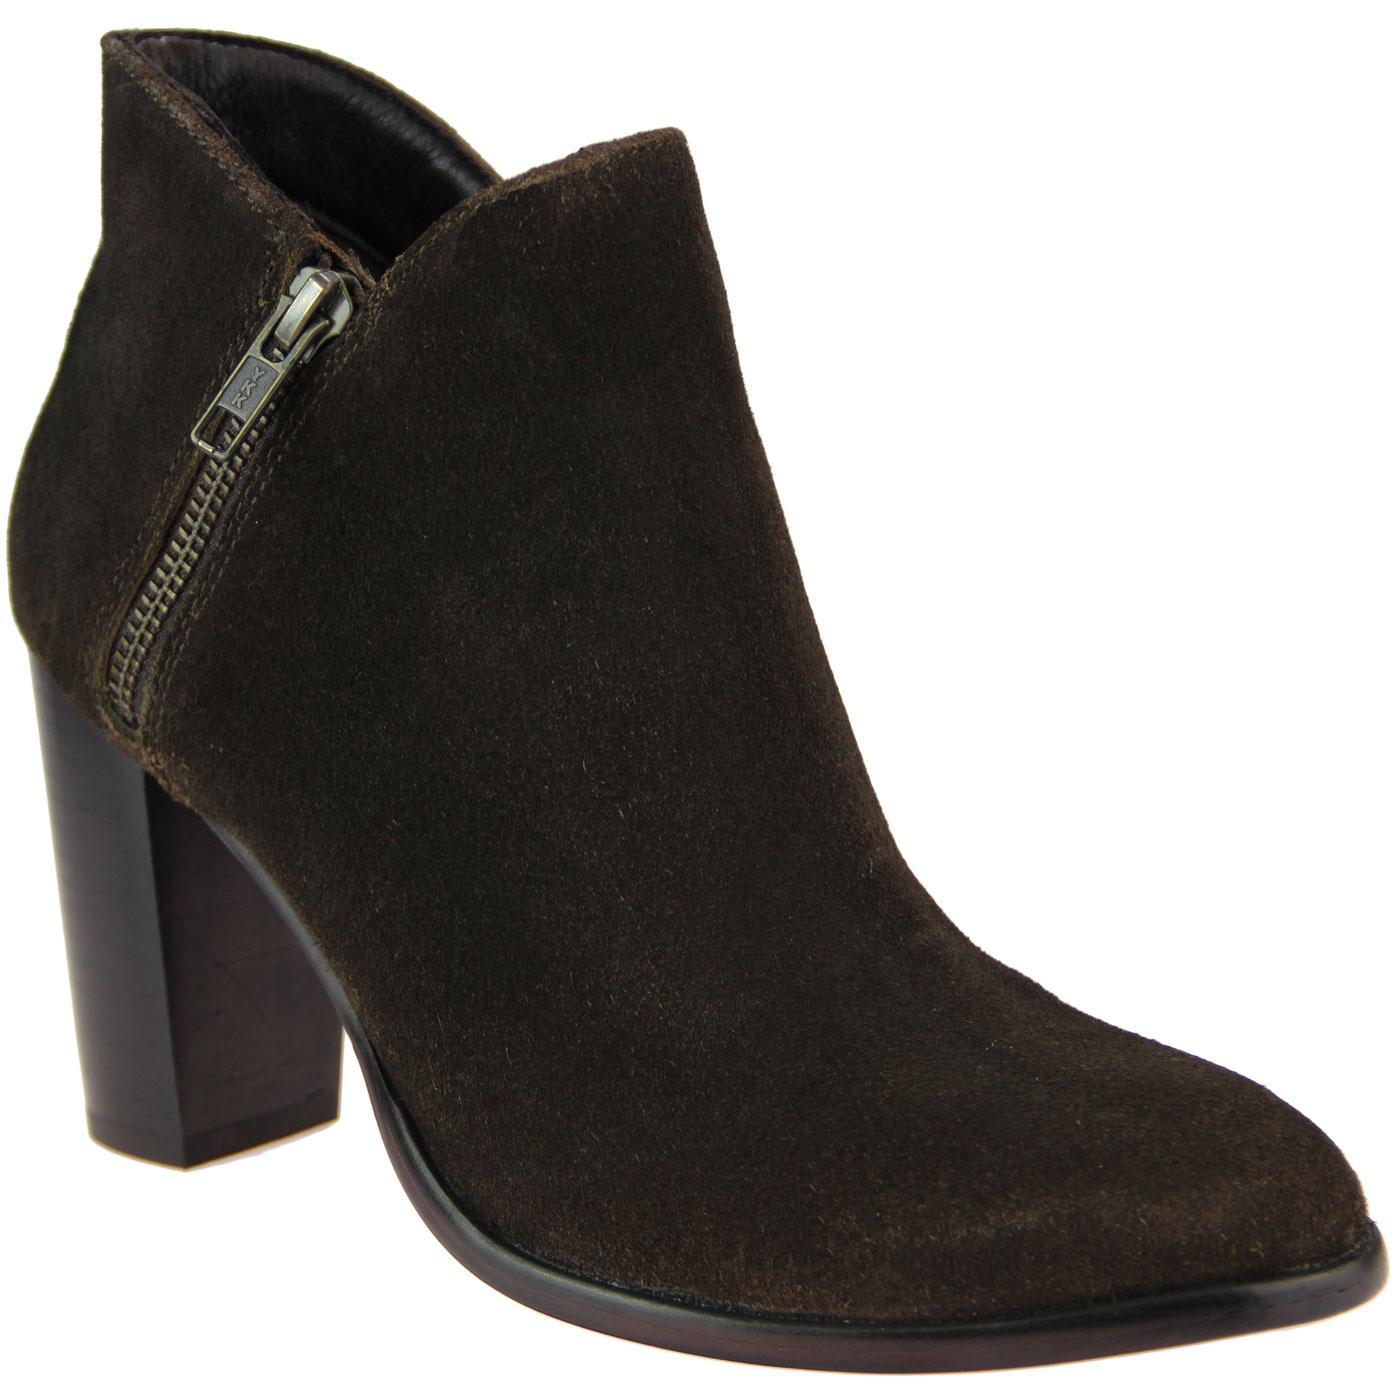 Cobie LACEYS Zip Retro Side Suede Heel Boots BROWN